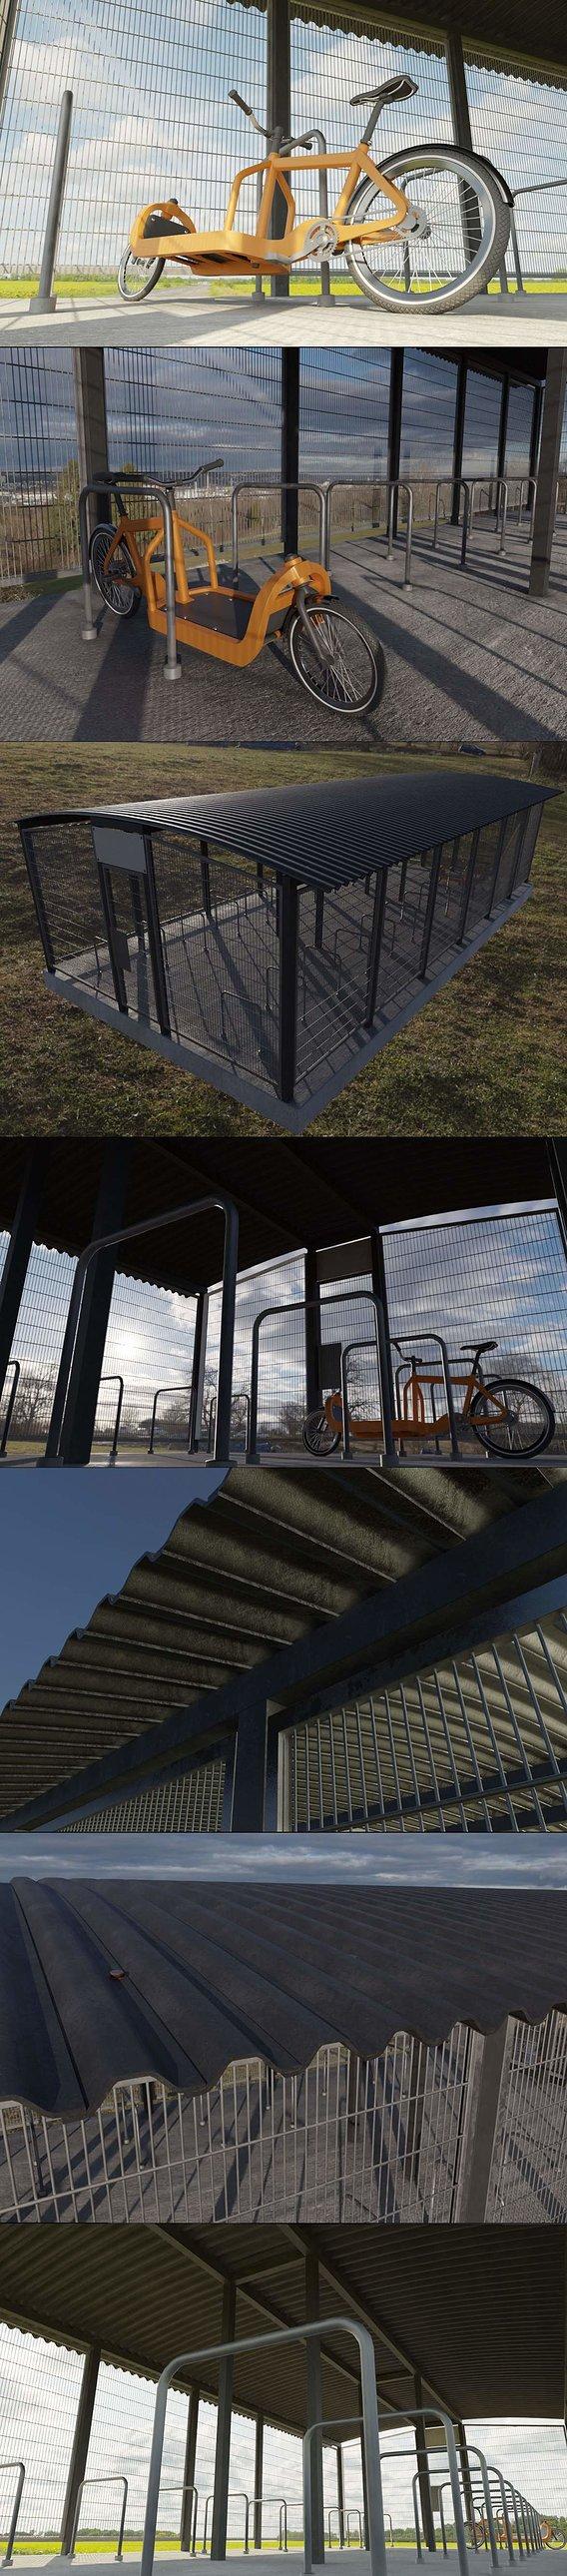 Lockable Bicycle Shelter (WIP-1) (Blender-2.92 Eevee)